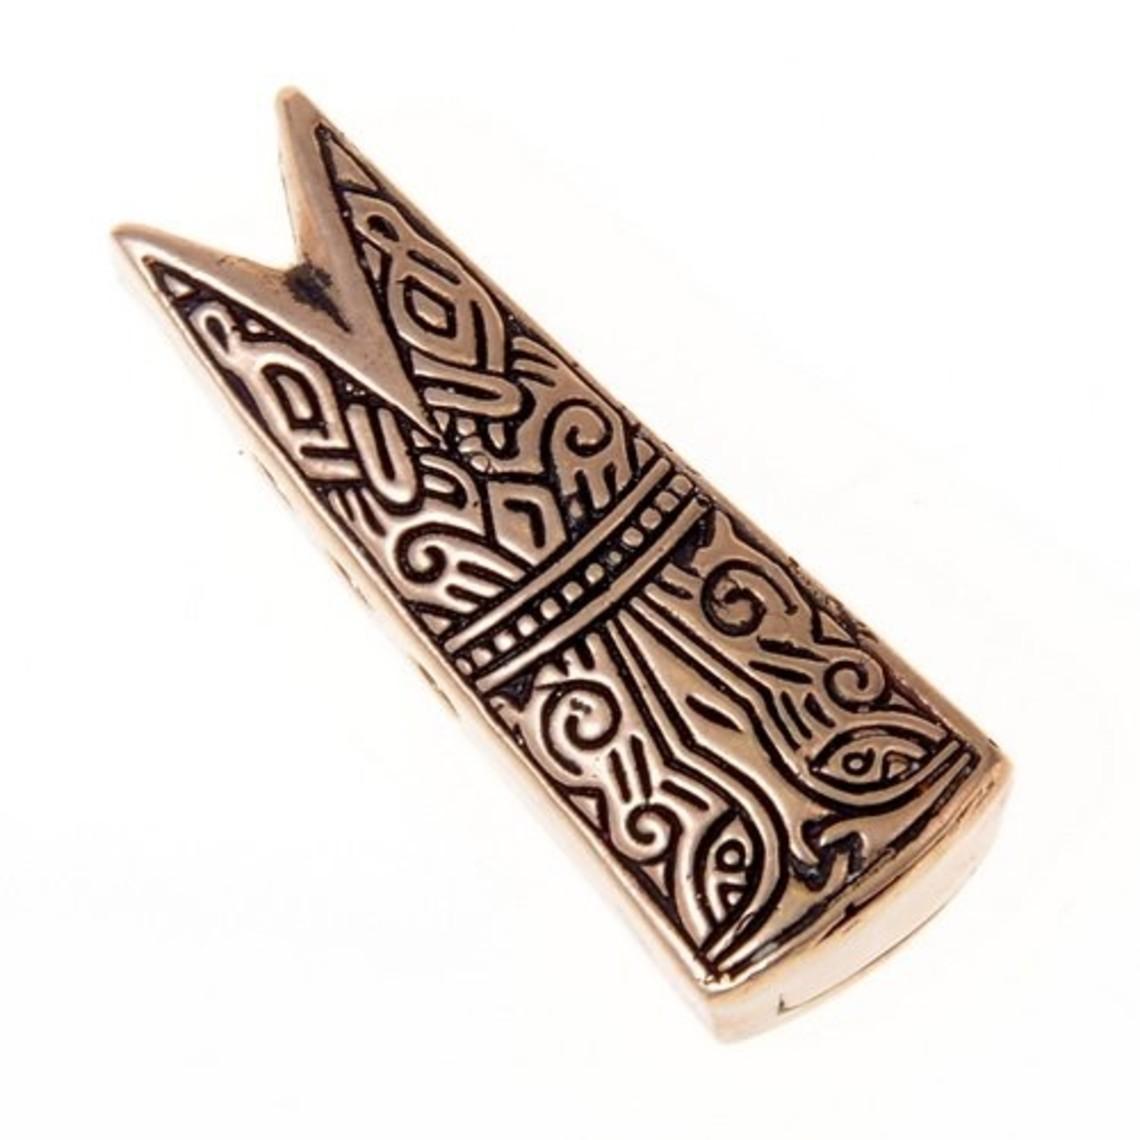 Gotland Vissenkopsieraad L, brons